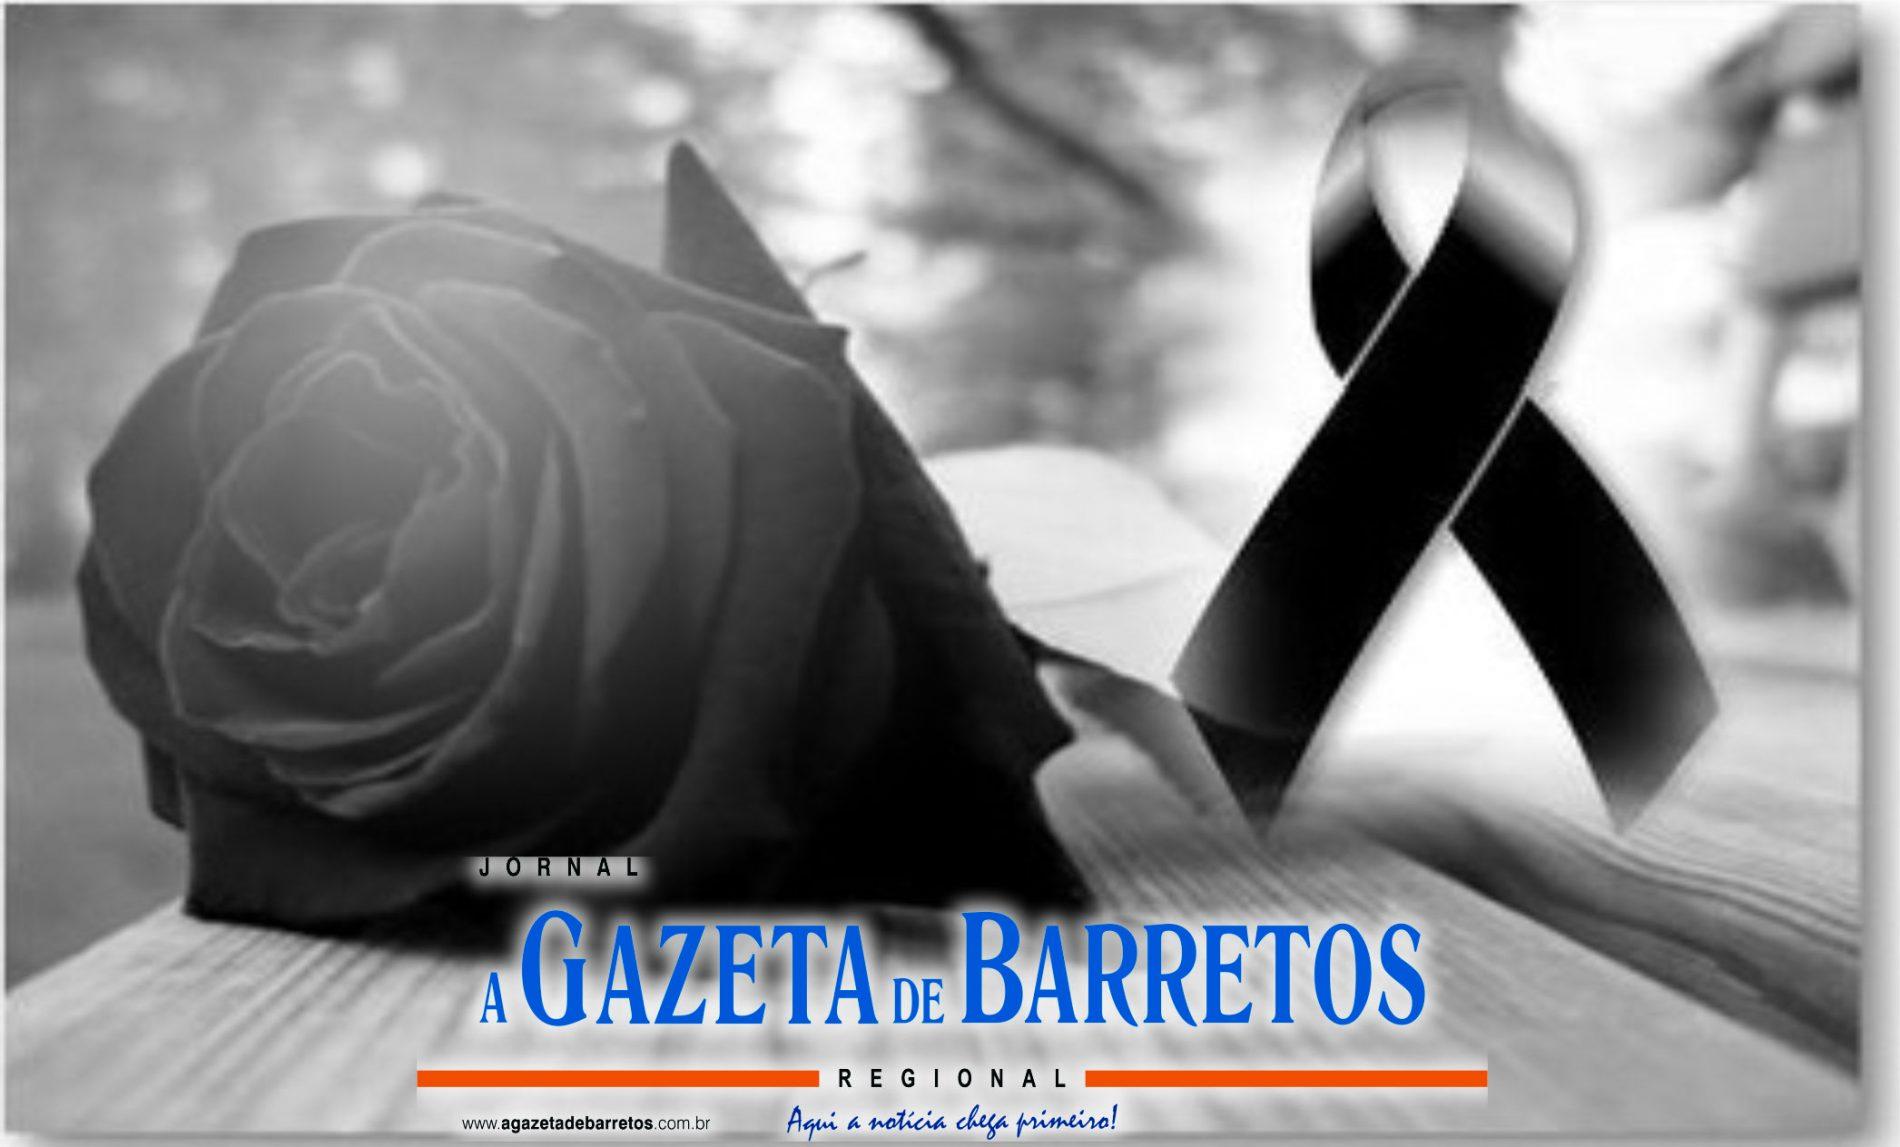 SEPULTAMENTOS EM BARRETOS HOJE 31/01/2019